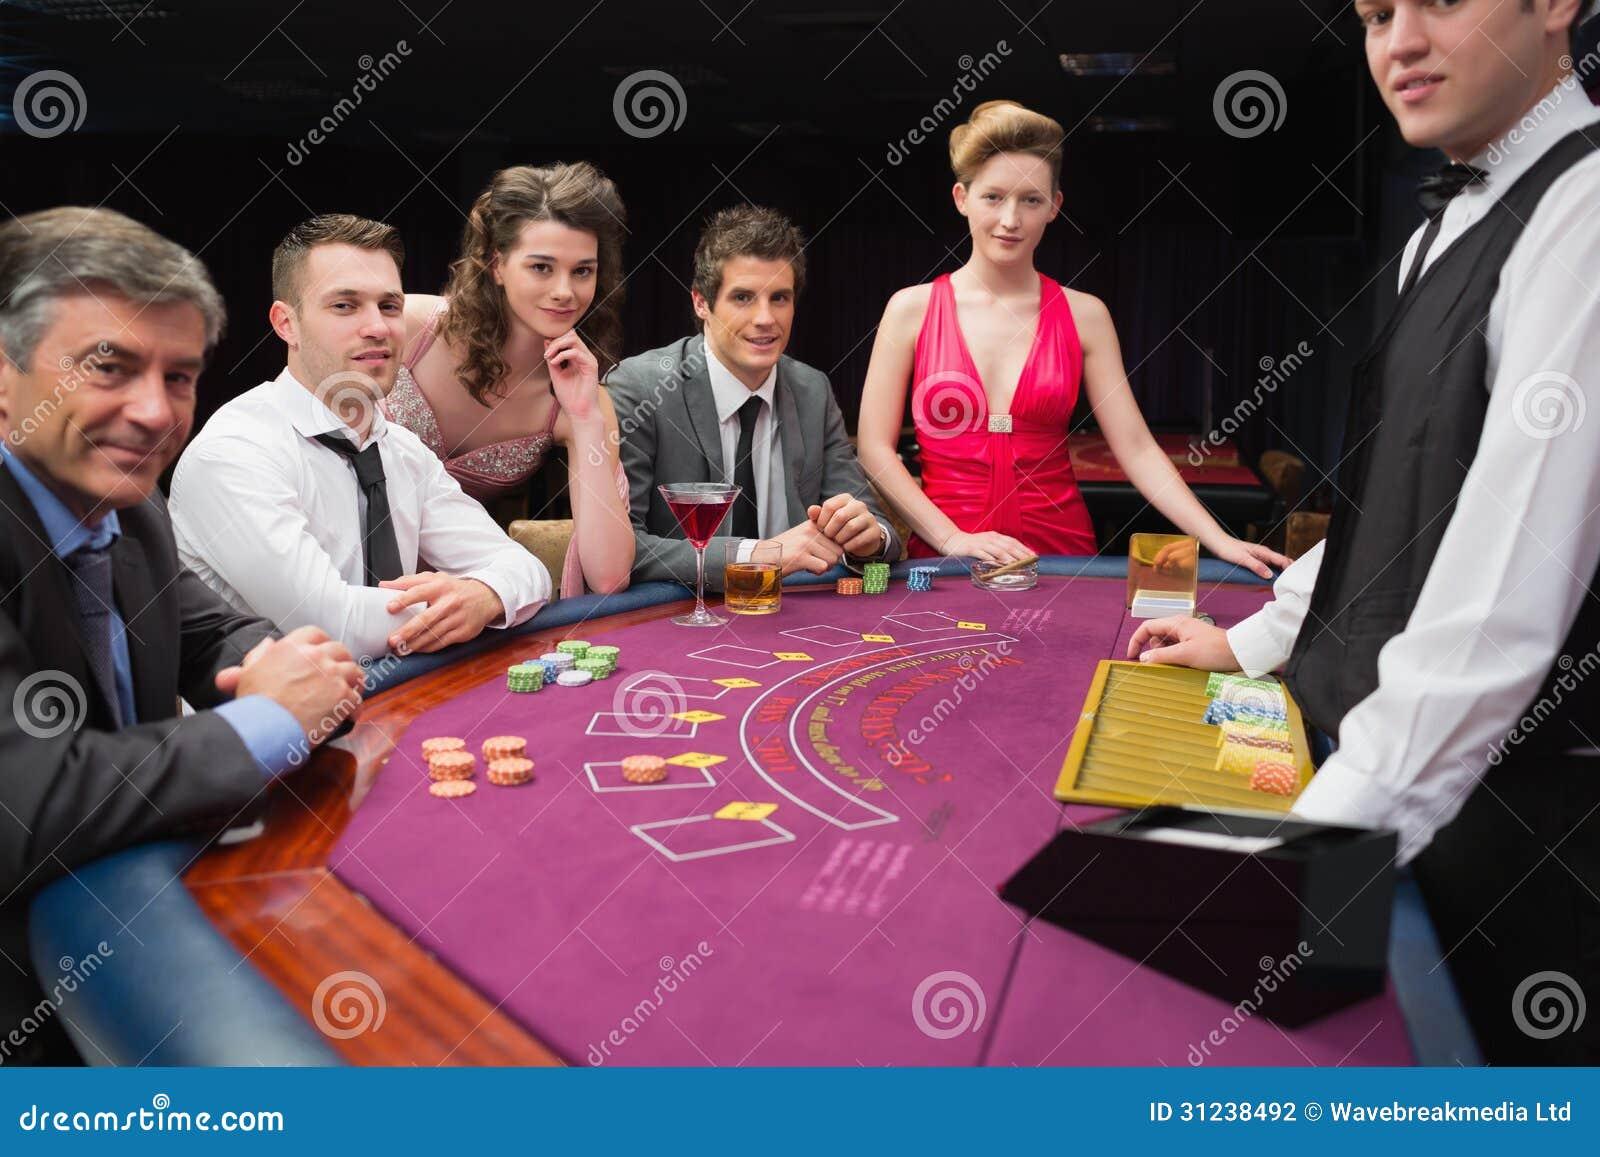 usa black jack casino